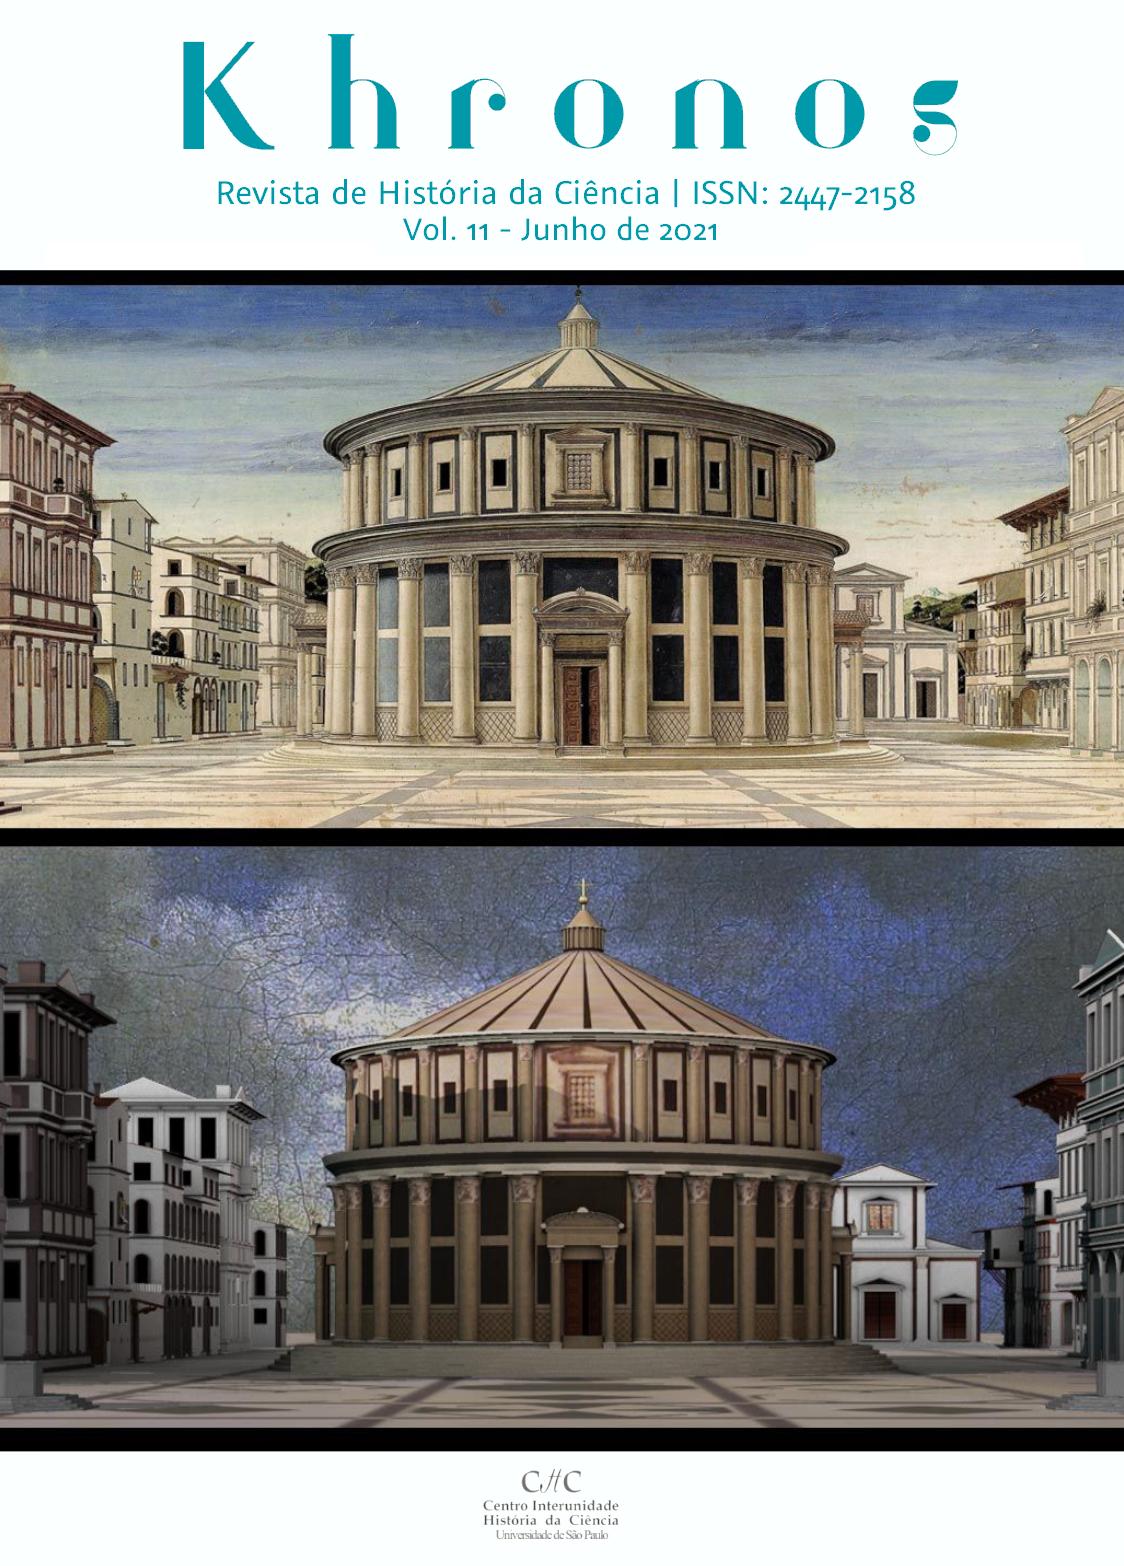 Khronos - Revista de História da Ciência